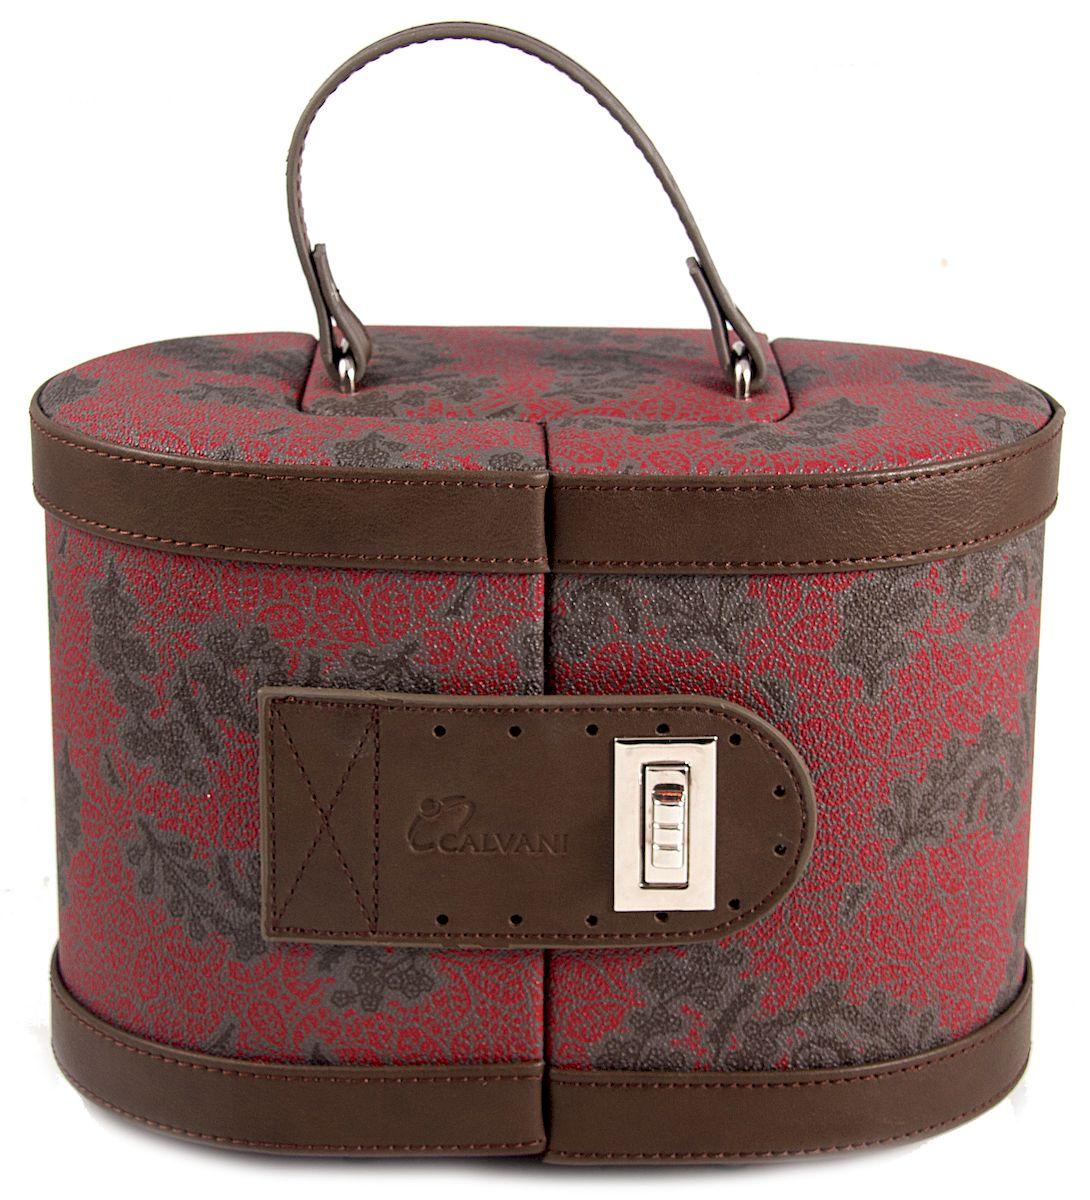 Шкатулка для ювелирных украшений Calvani, 24 х 15 х 16 см. 183022183022Великолепная шкатулка Calvani для ювелирных украшений не оставит равнодушной ни одну любительницу изысканных вещей. Шкатулка имеет множество отделений для различных типов украшений. Внутри шкатулки расположено небольшое удобное зеркальце. Шкатулка закрывается на защелку-замок и имеет удобную ручку. Внутренняя поверхность шкатулки оформлена искусственной замшей нежного светло-бежевого цвета, что придает ей шарм и изысканность. Сочетание оригинального дизайна и функциональности сделает такую шкатулку практичным и стильным подарком и предметом гордости ее обладательницы.